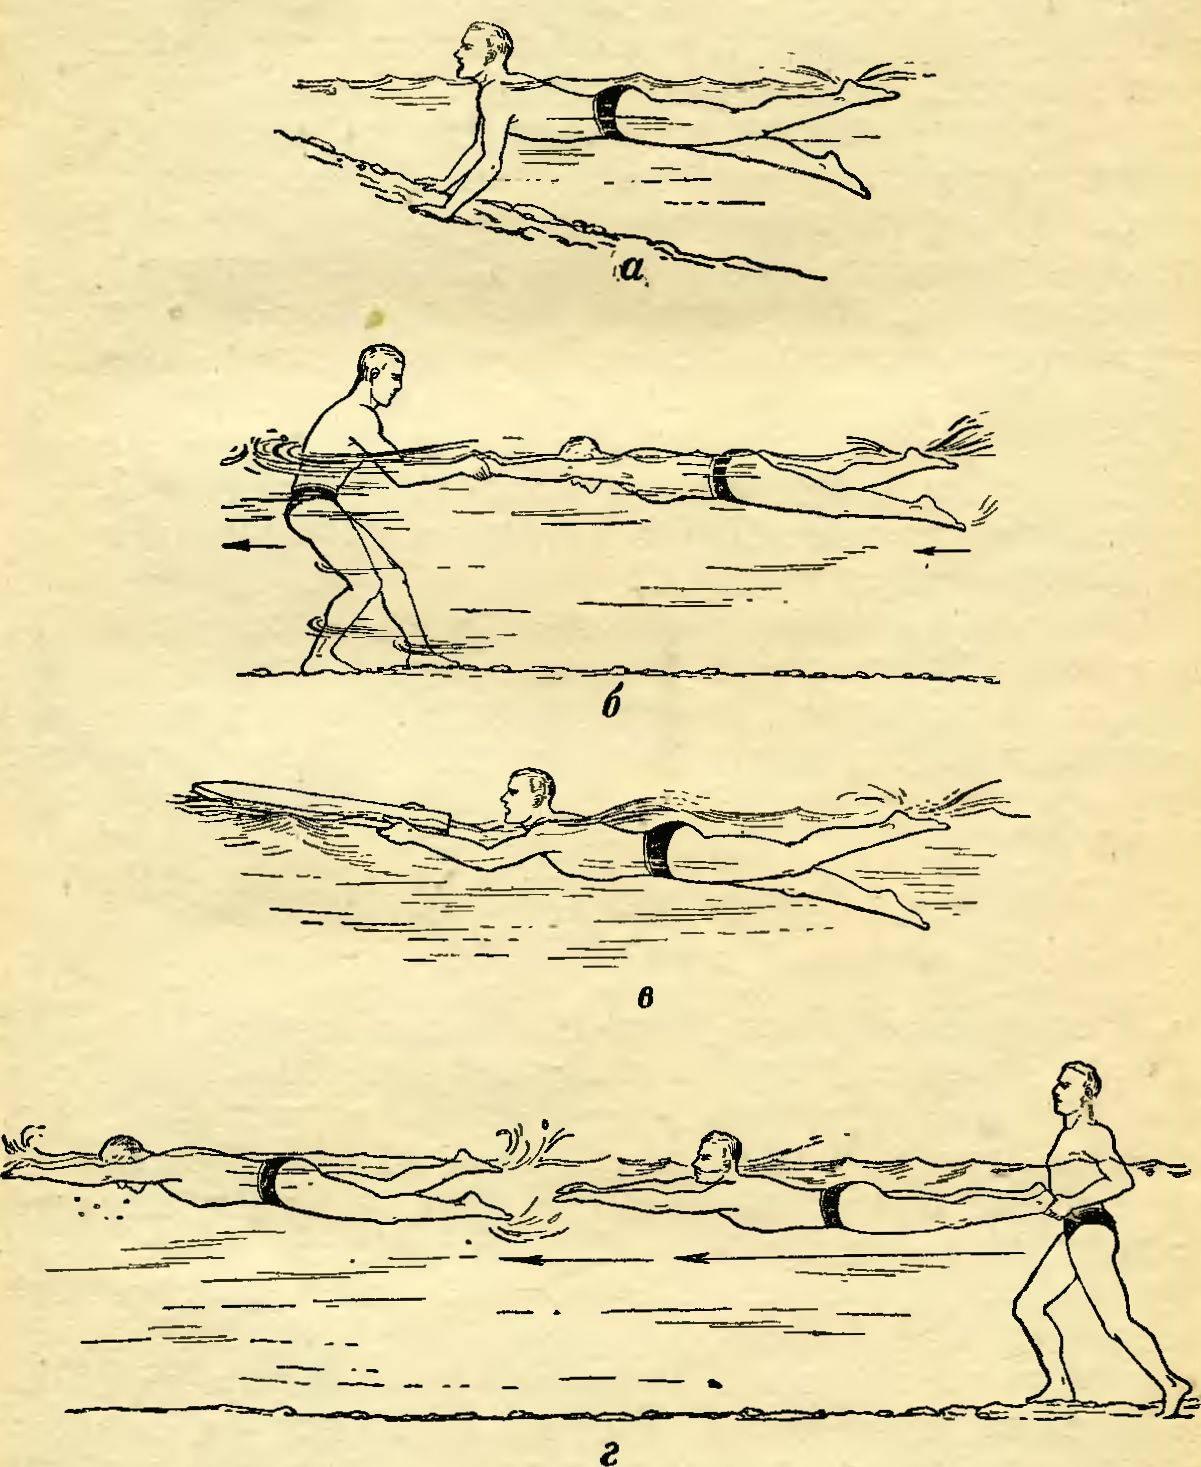 Как быстро научиться плавать взрослому и ребенку: реально ли за 10 дней освоить кроль в бассейне?